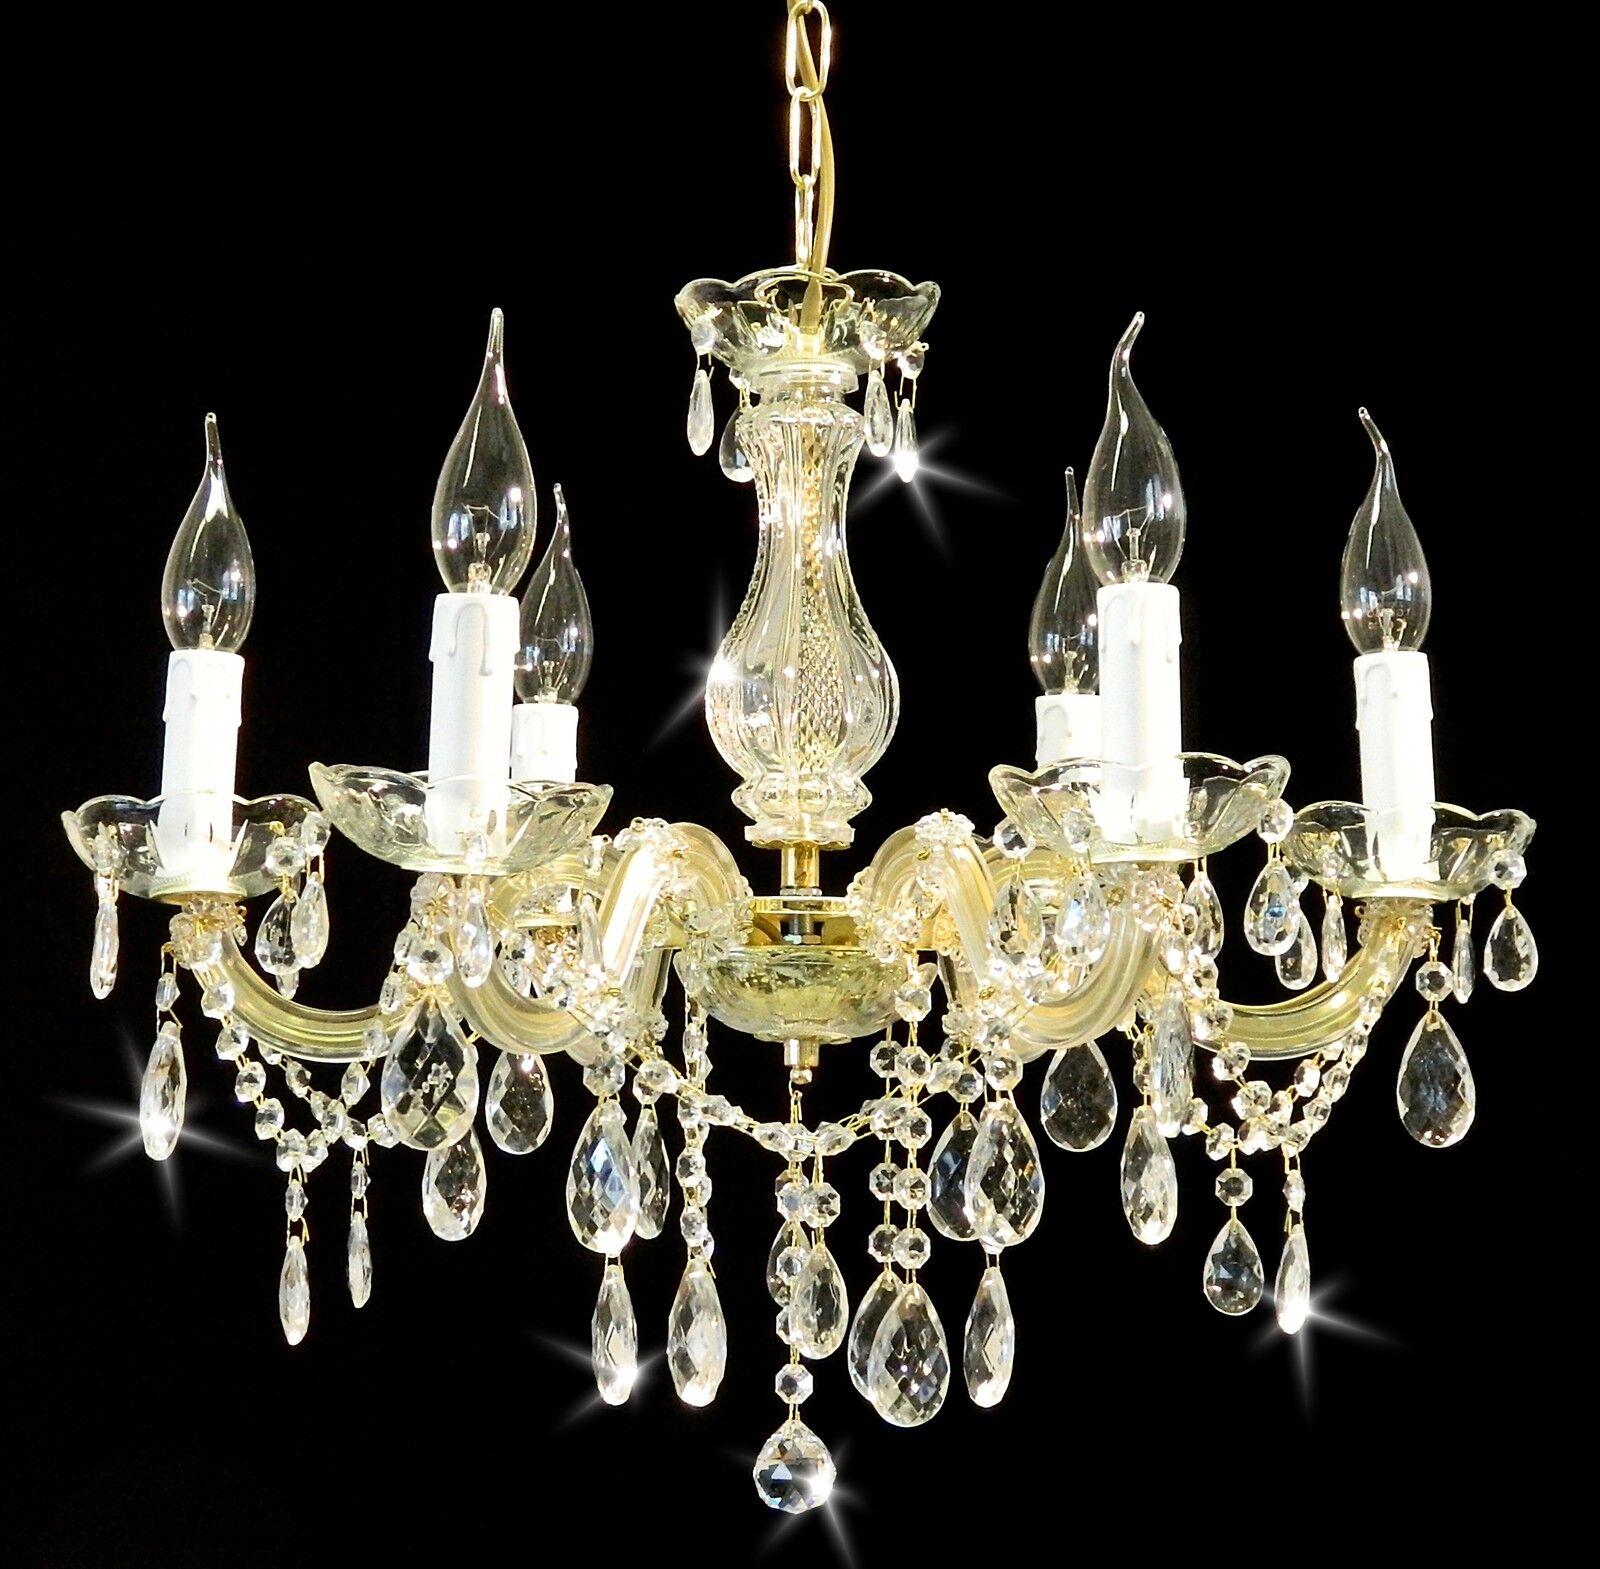 kristall kronleuchter l ster 6 leuchten 60cm uvp399 kaufen sie bestpreis ebay. Black Bedroom Furniture Sets. Home Design Ideas